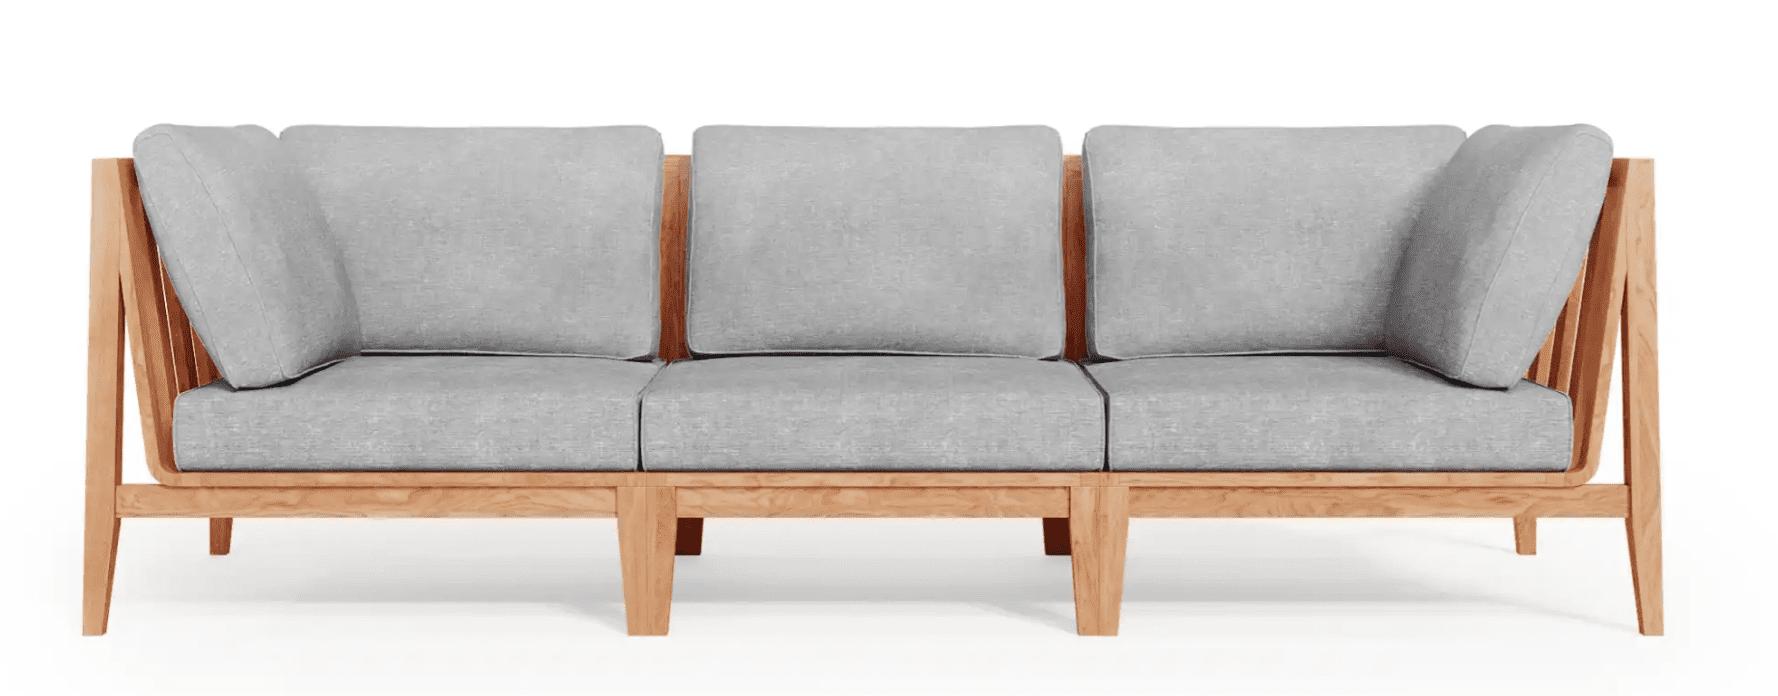 Outer Teak Outdoor Sofa